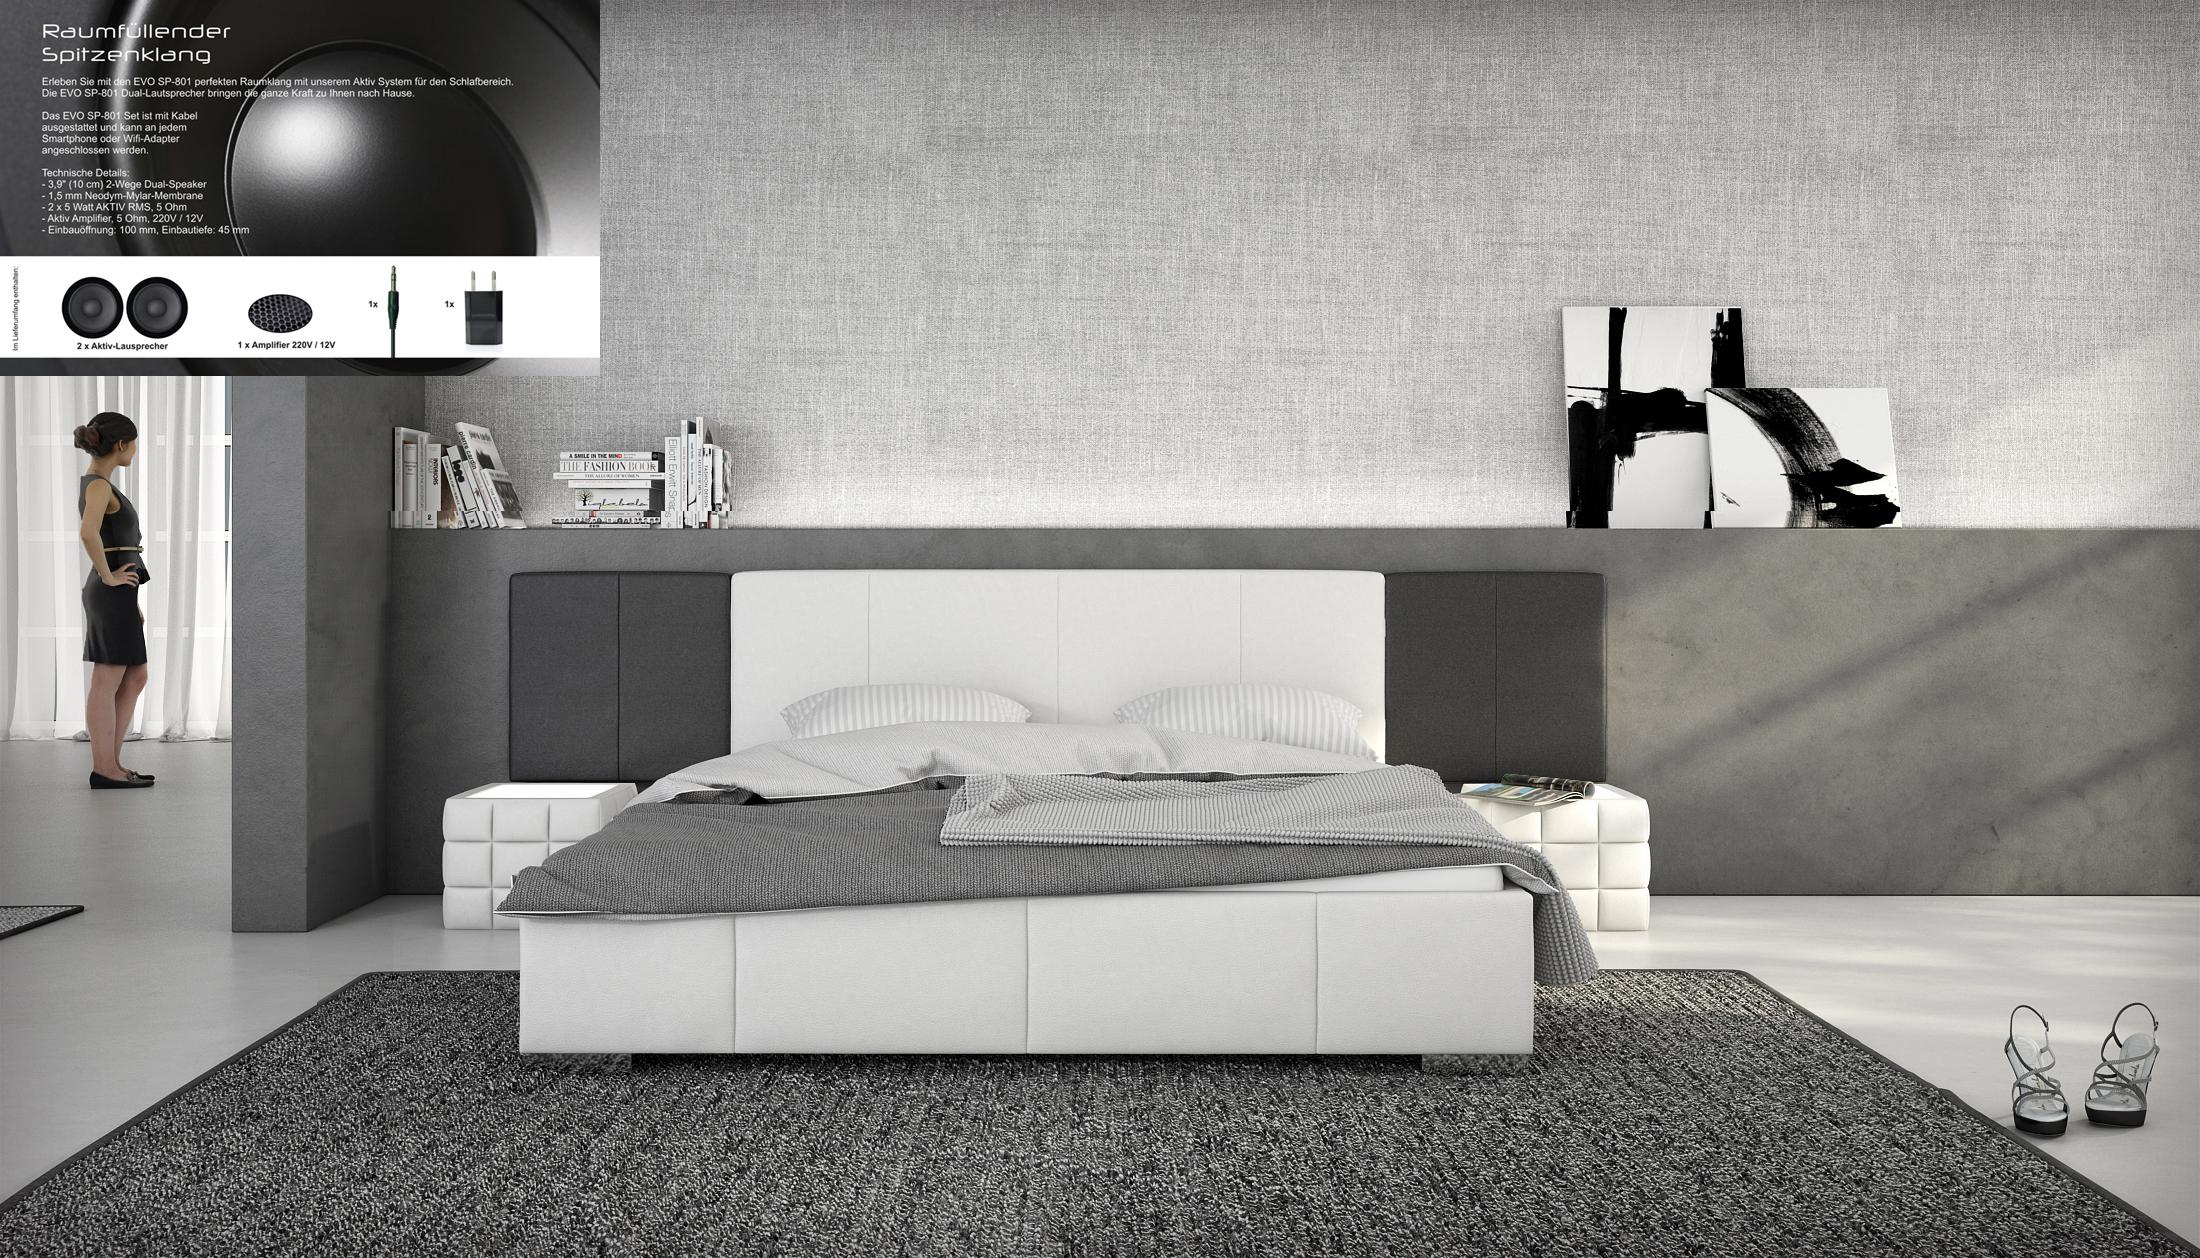 sam polsterbett 180 x 200 cm soundsystem wei schwarz nemo auf lager. Black Bedroom Furniture Sets. Home Design Ideas